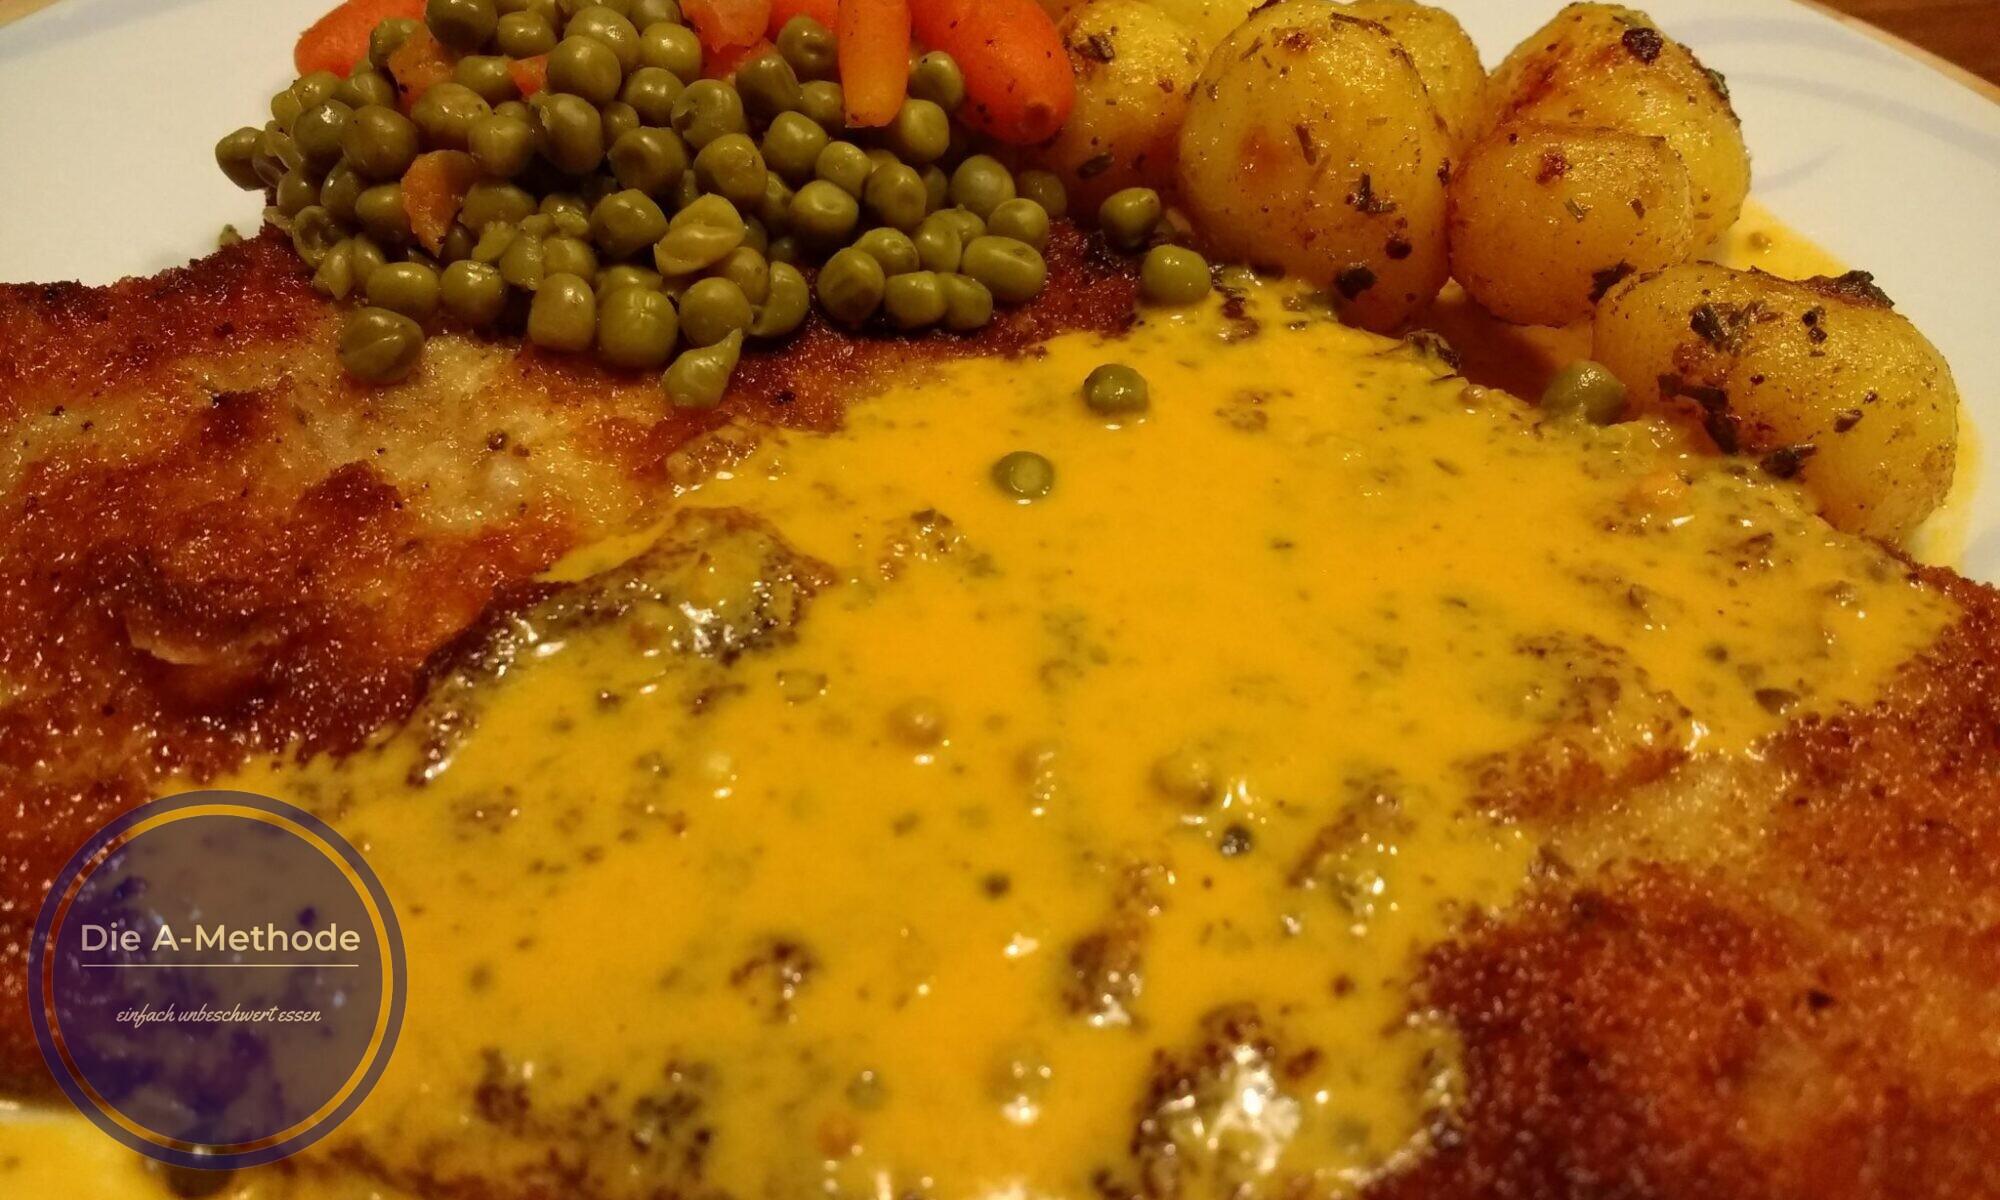 Schnitzel mit Pfeffersauce